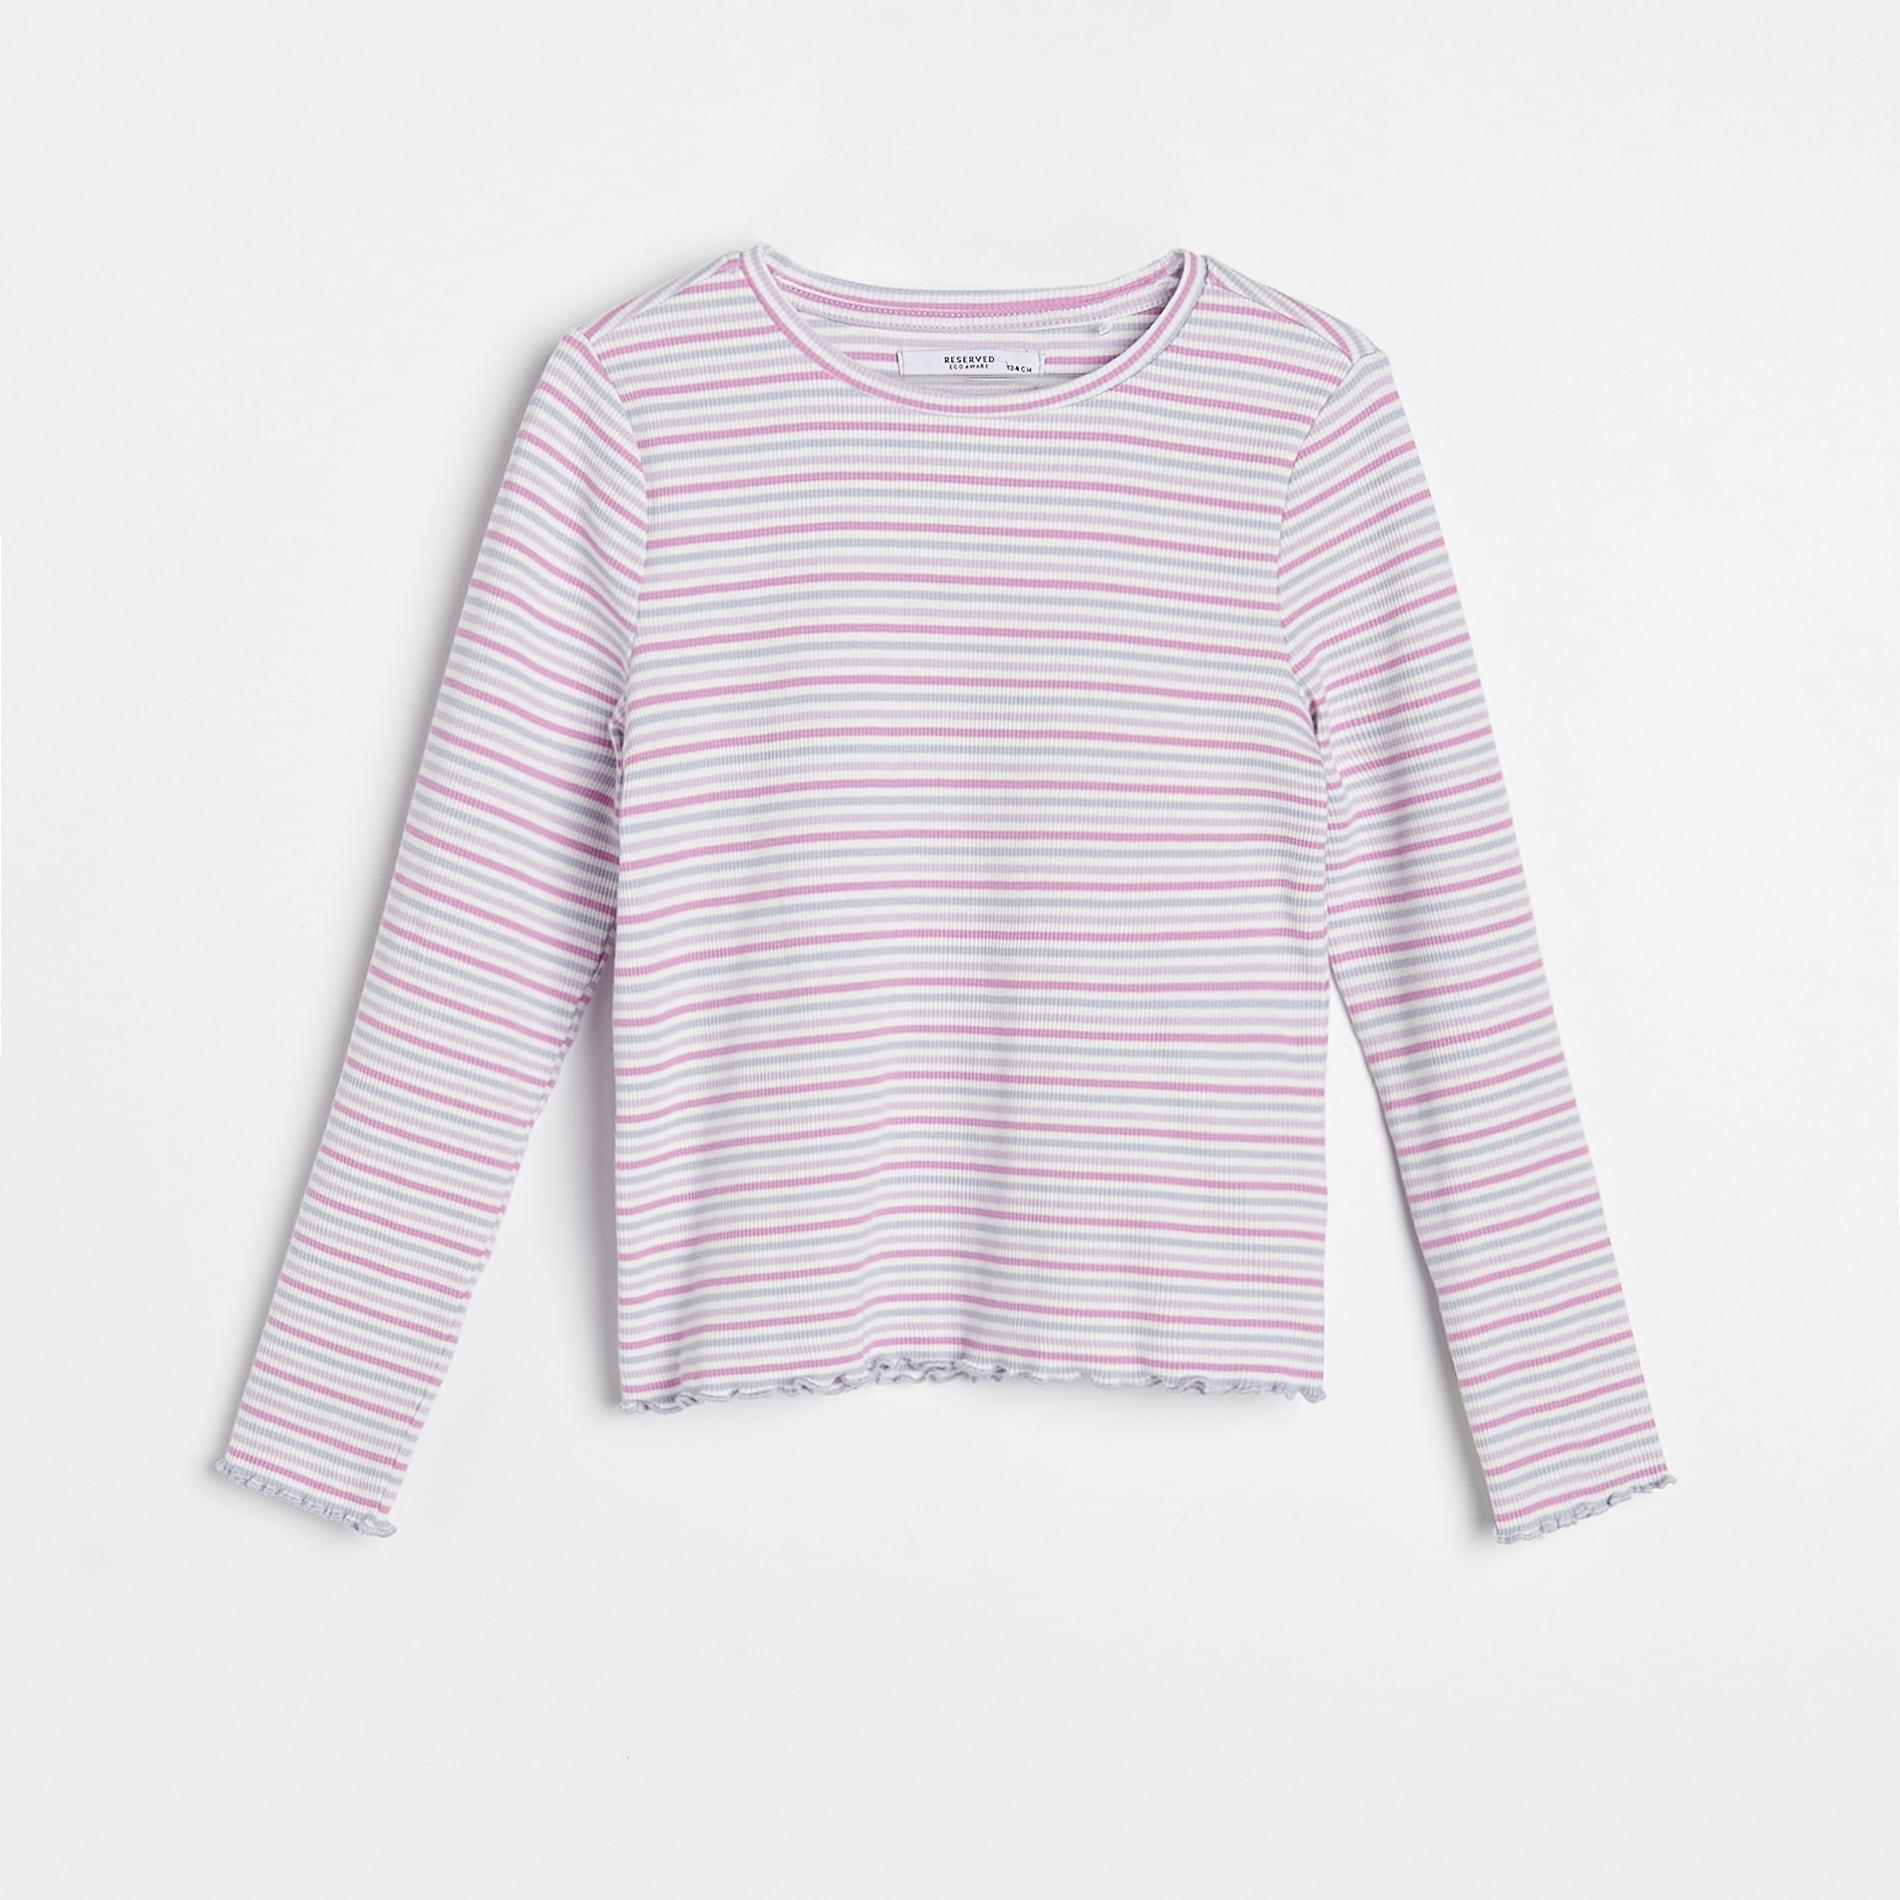 Reserved - Pruhované tričko sdlouhými rukávy - Fialová